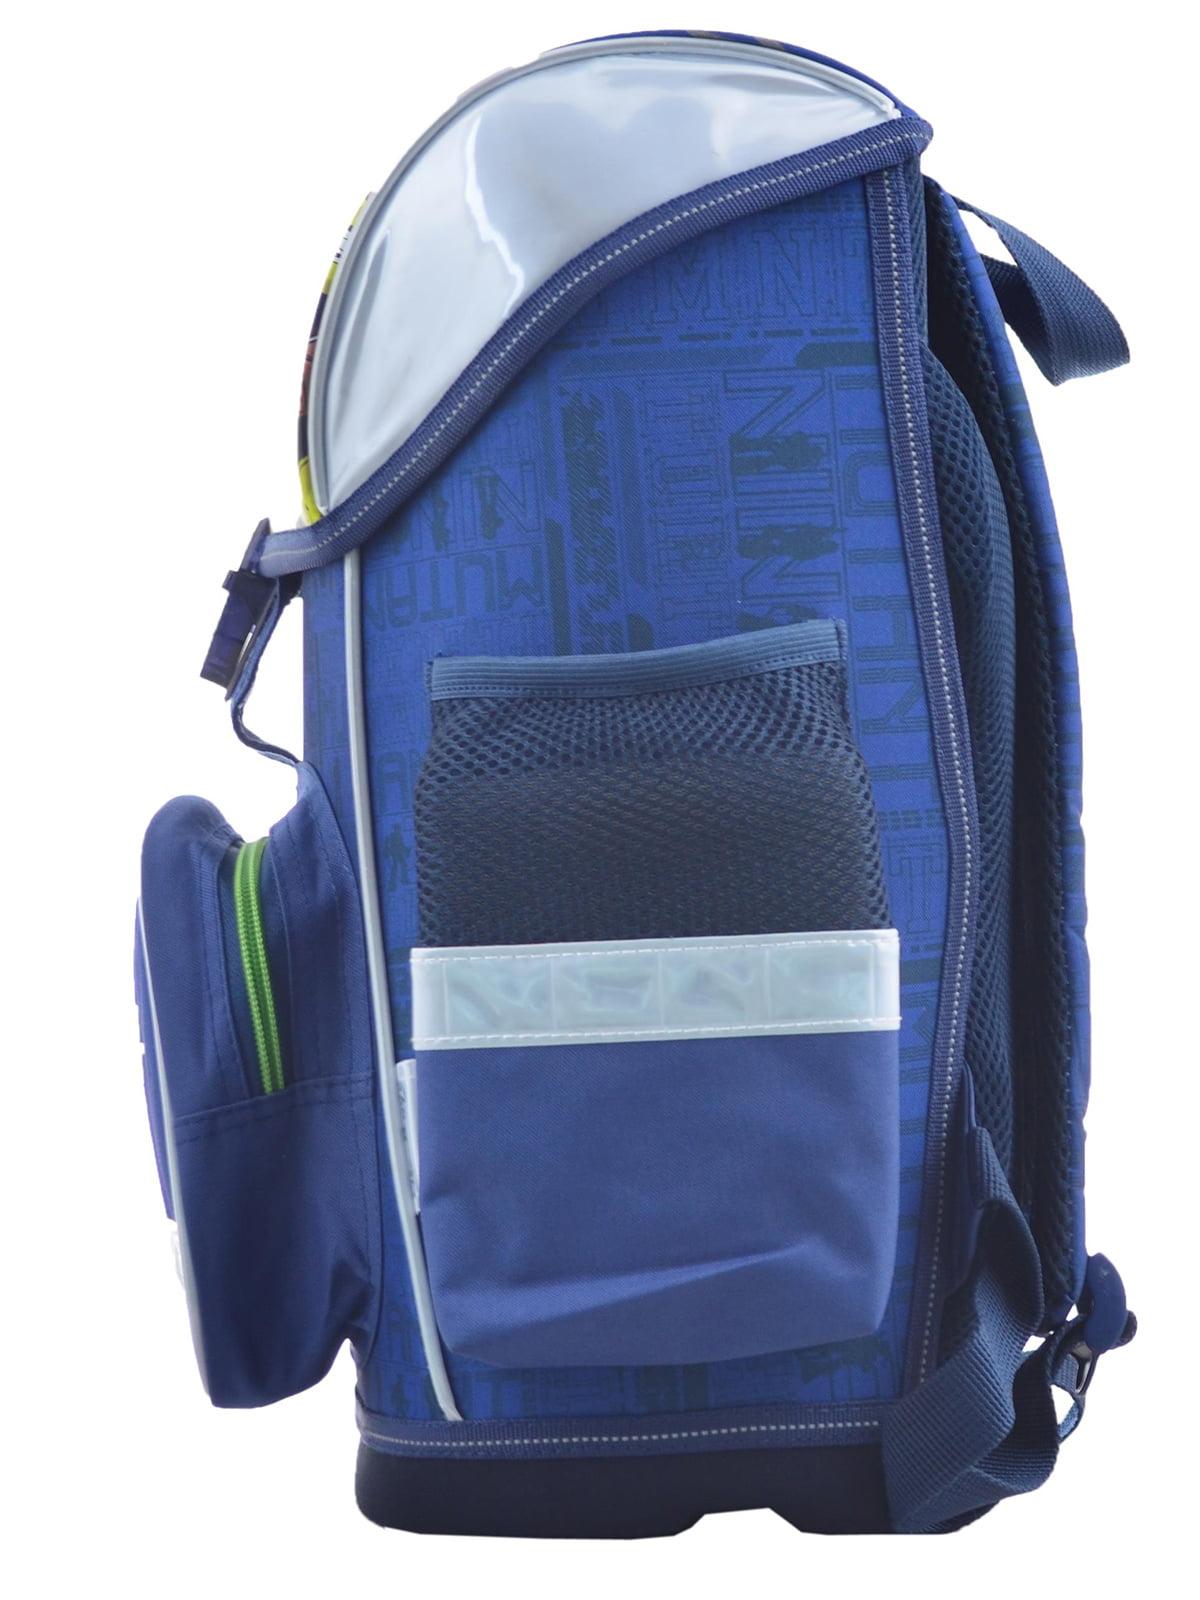 Рюкзак синій з принтом | 4235775 | фото 3